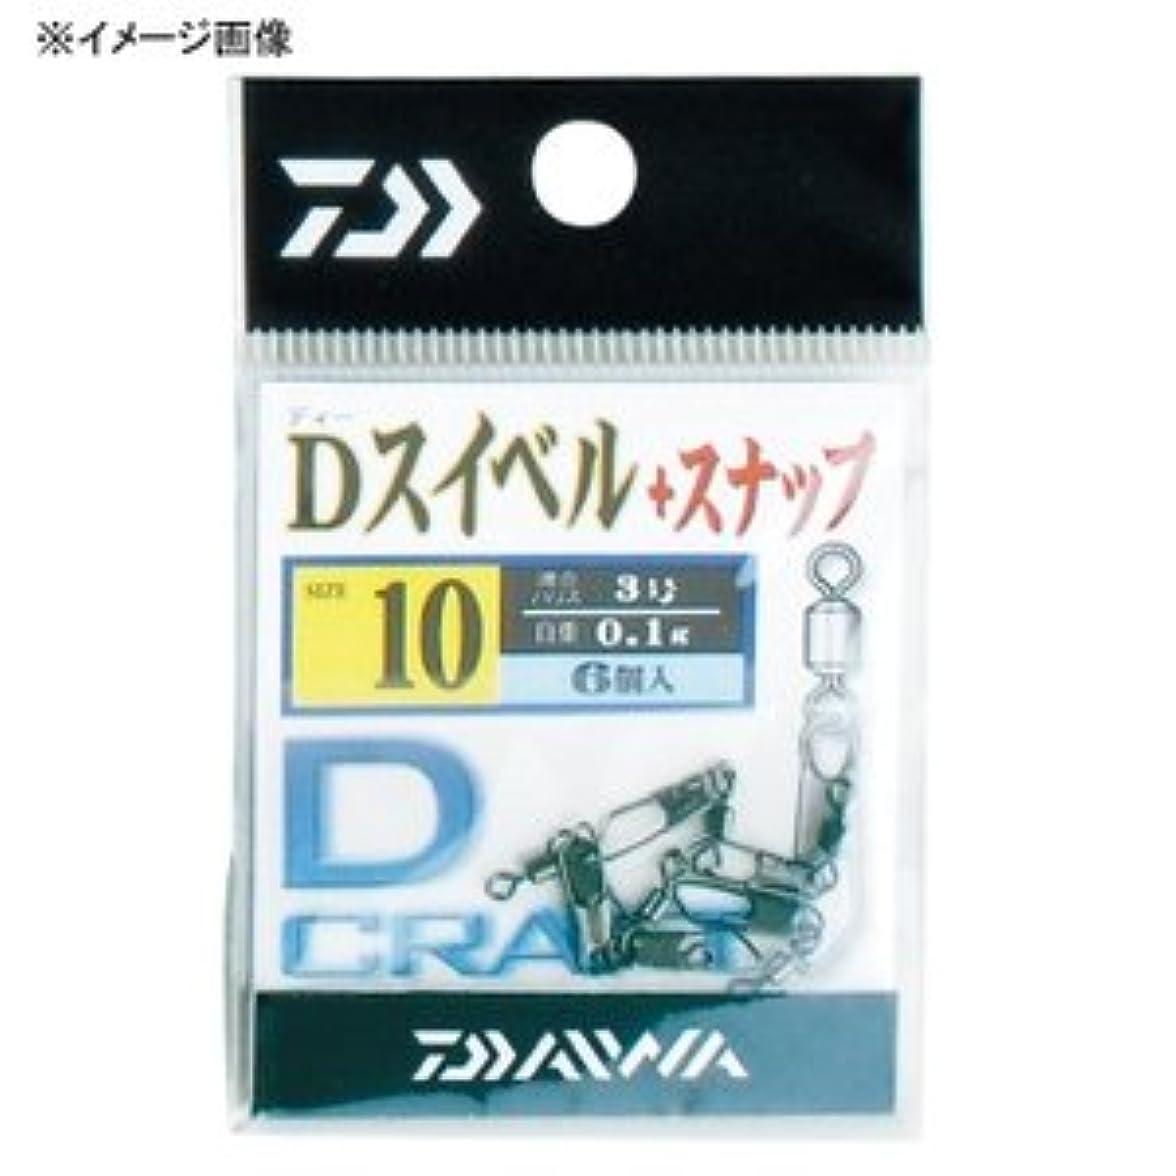 深い居心地の良い突っ込むダイワ(Daiwa) スイベル スナップ Dスイベル+スナップ 2 徳用 758192